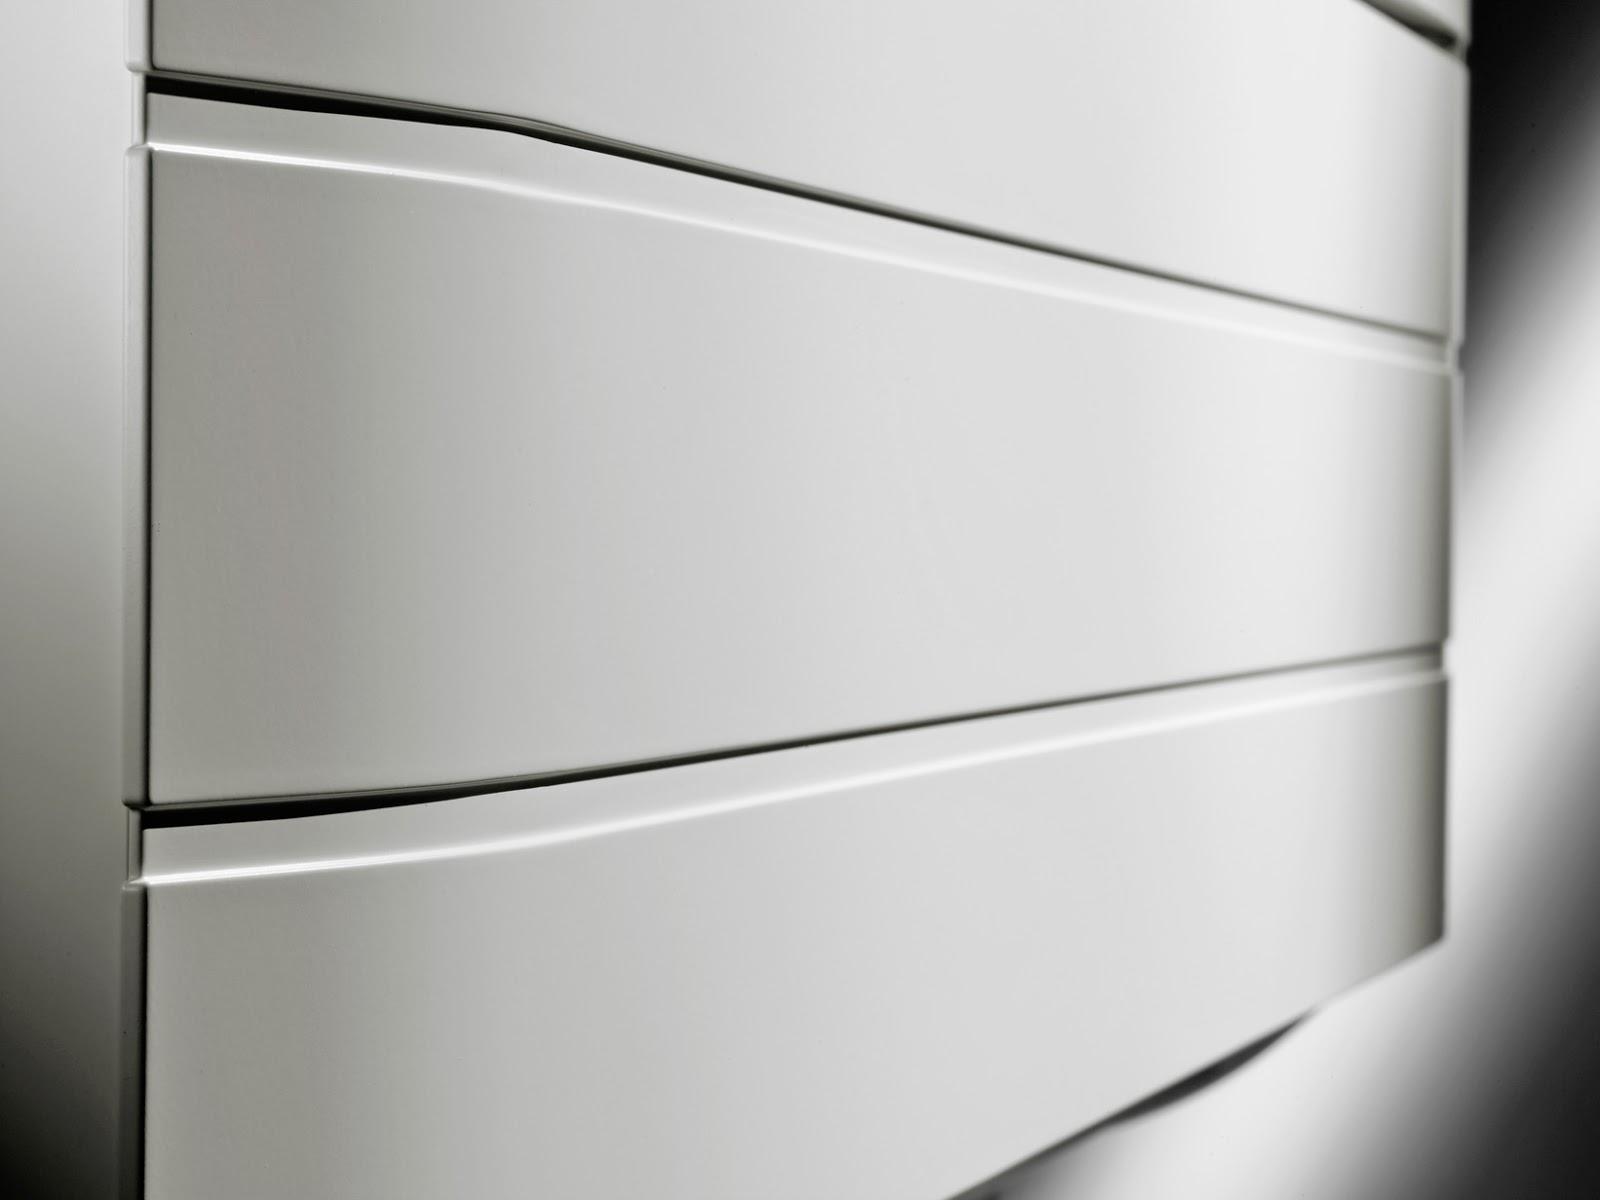 Нагряващият се преден панел на климатиците Daikin Nexura